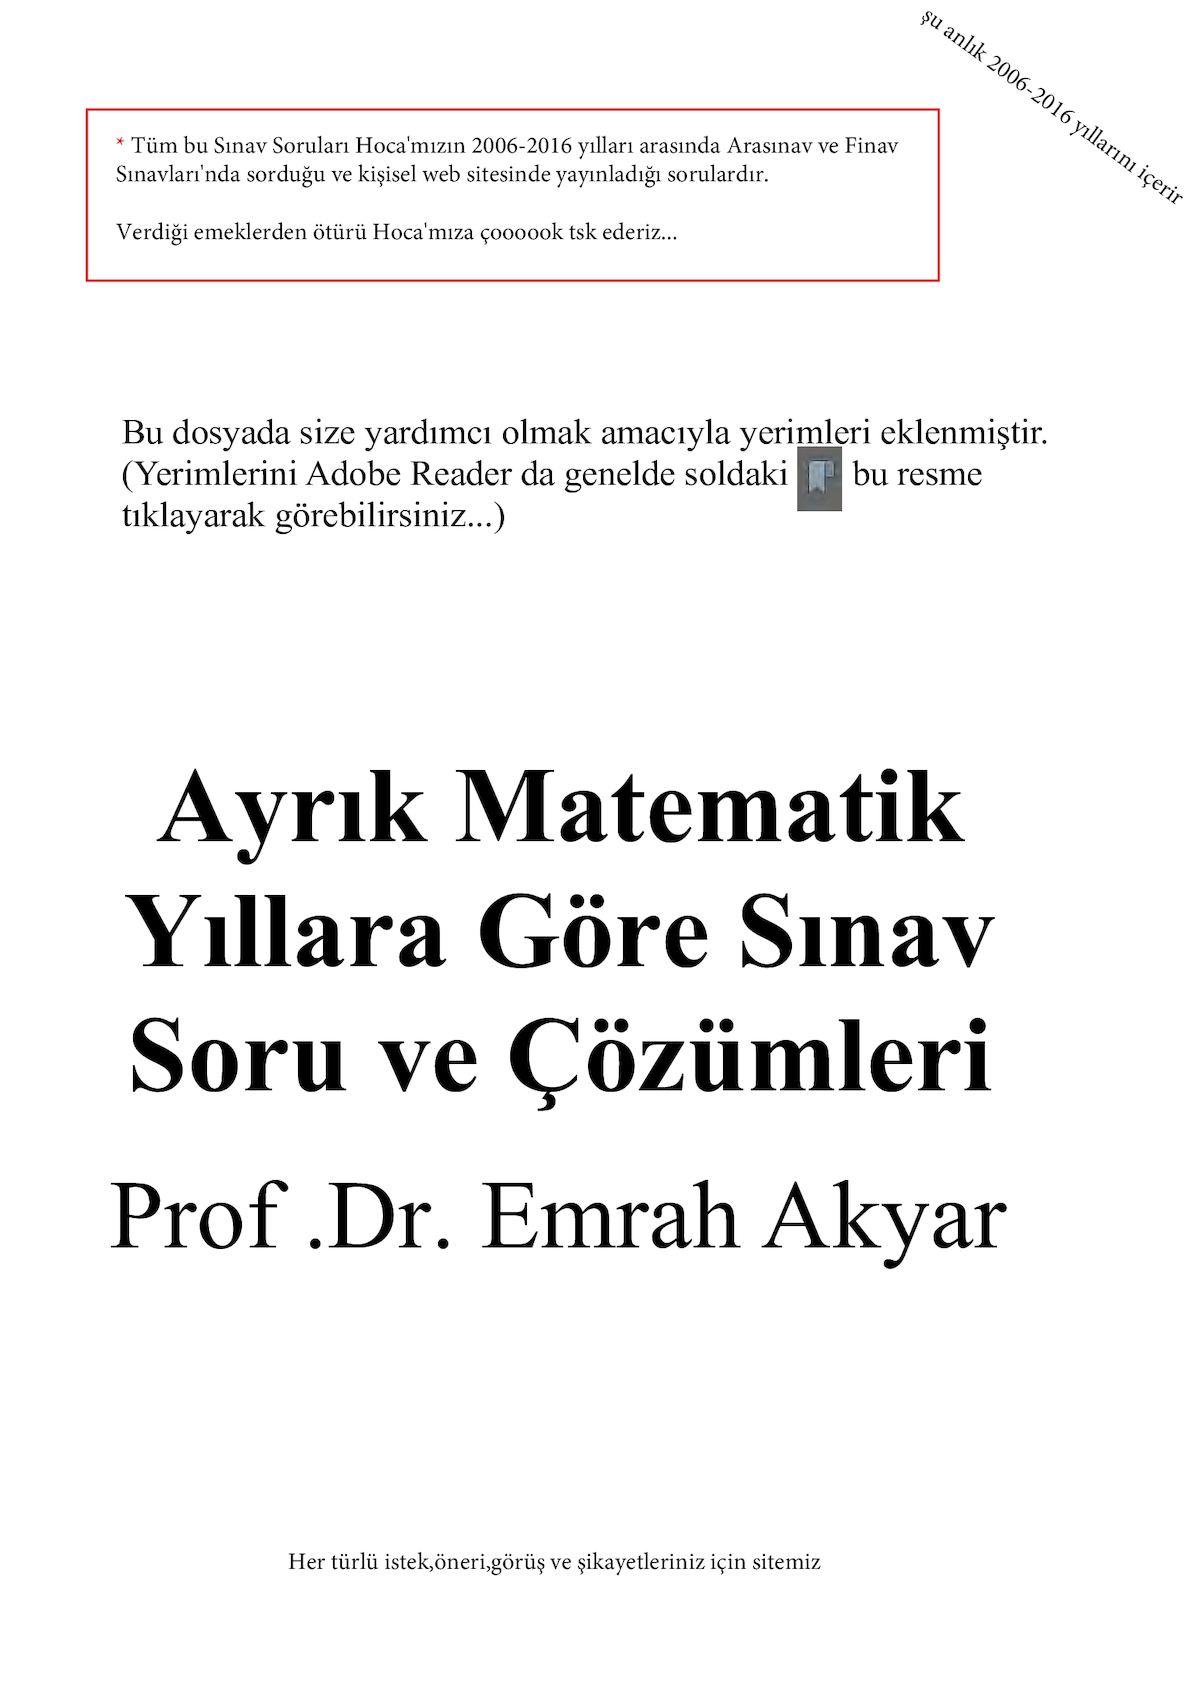 Ayrık Matematik Yıllara Göre Sınav Soru ve Çözümleri - Prof.Dr. Emrah Akyar